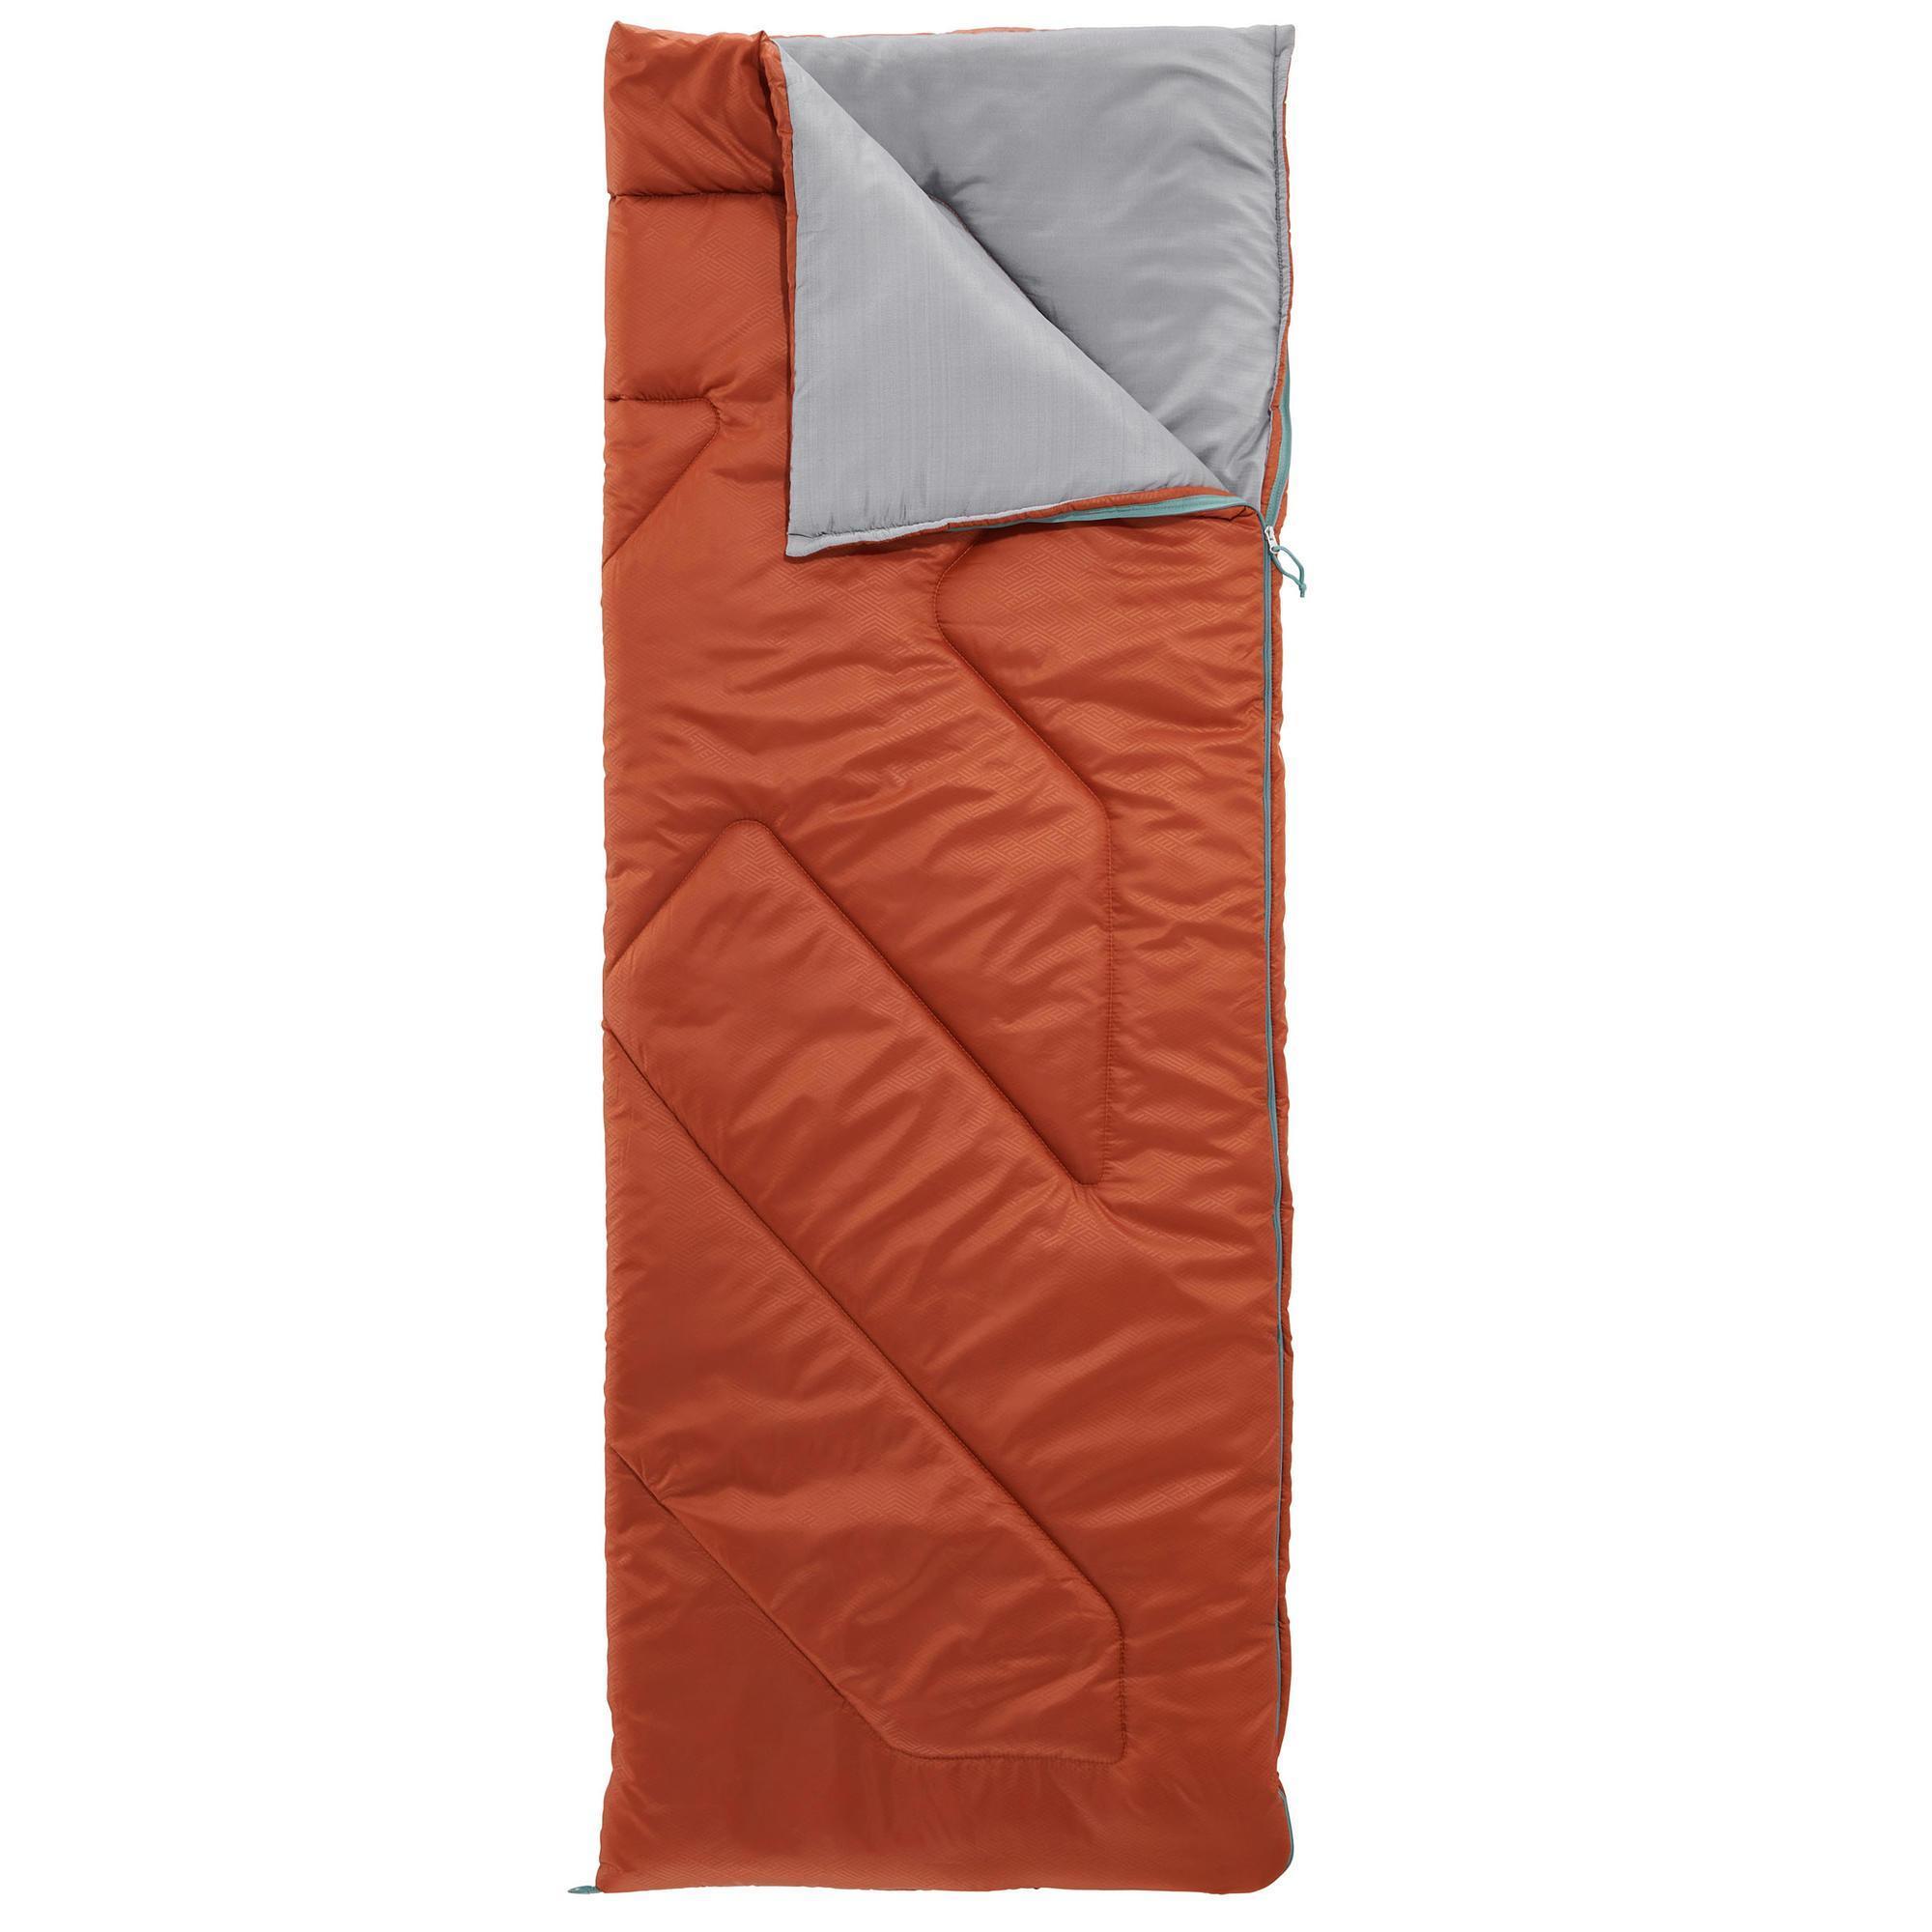 Schlafsack Camping Arpenaz 10°C braun